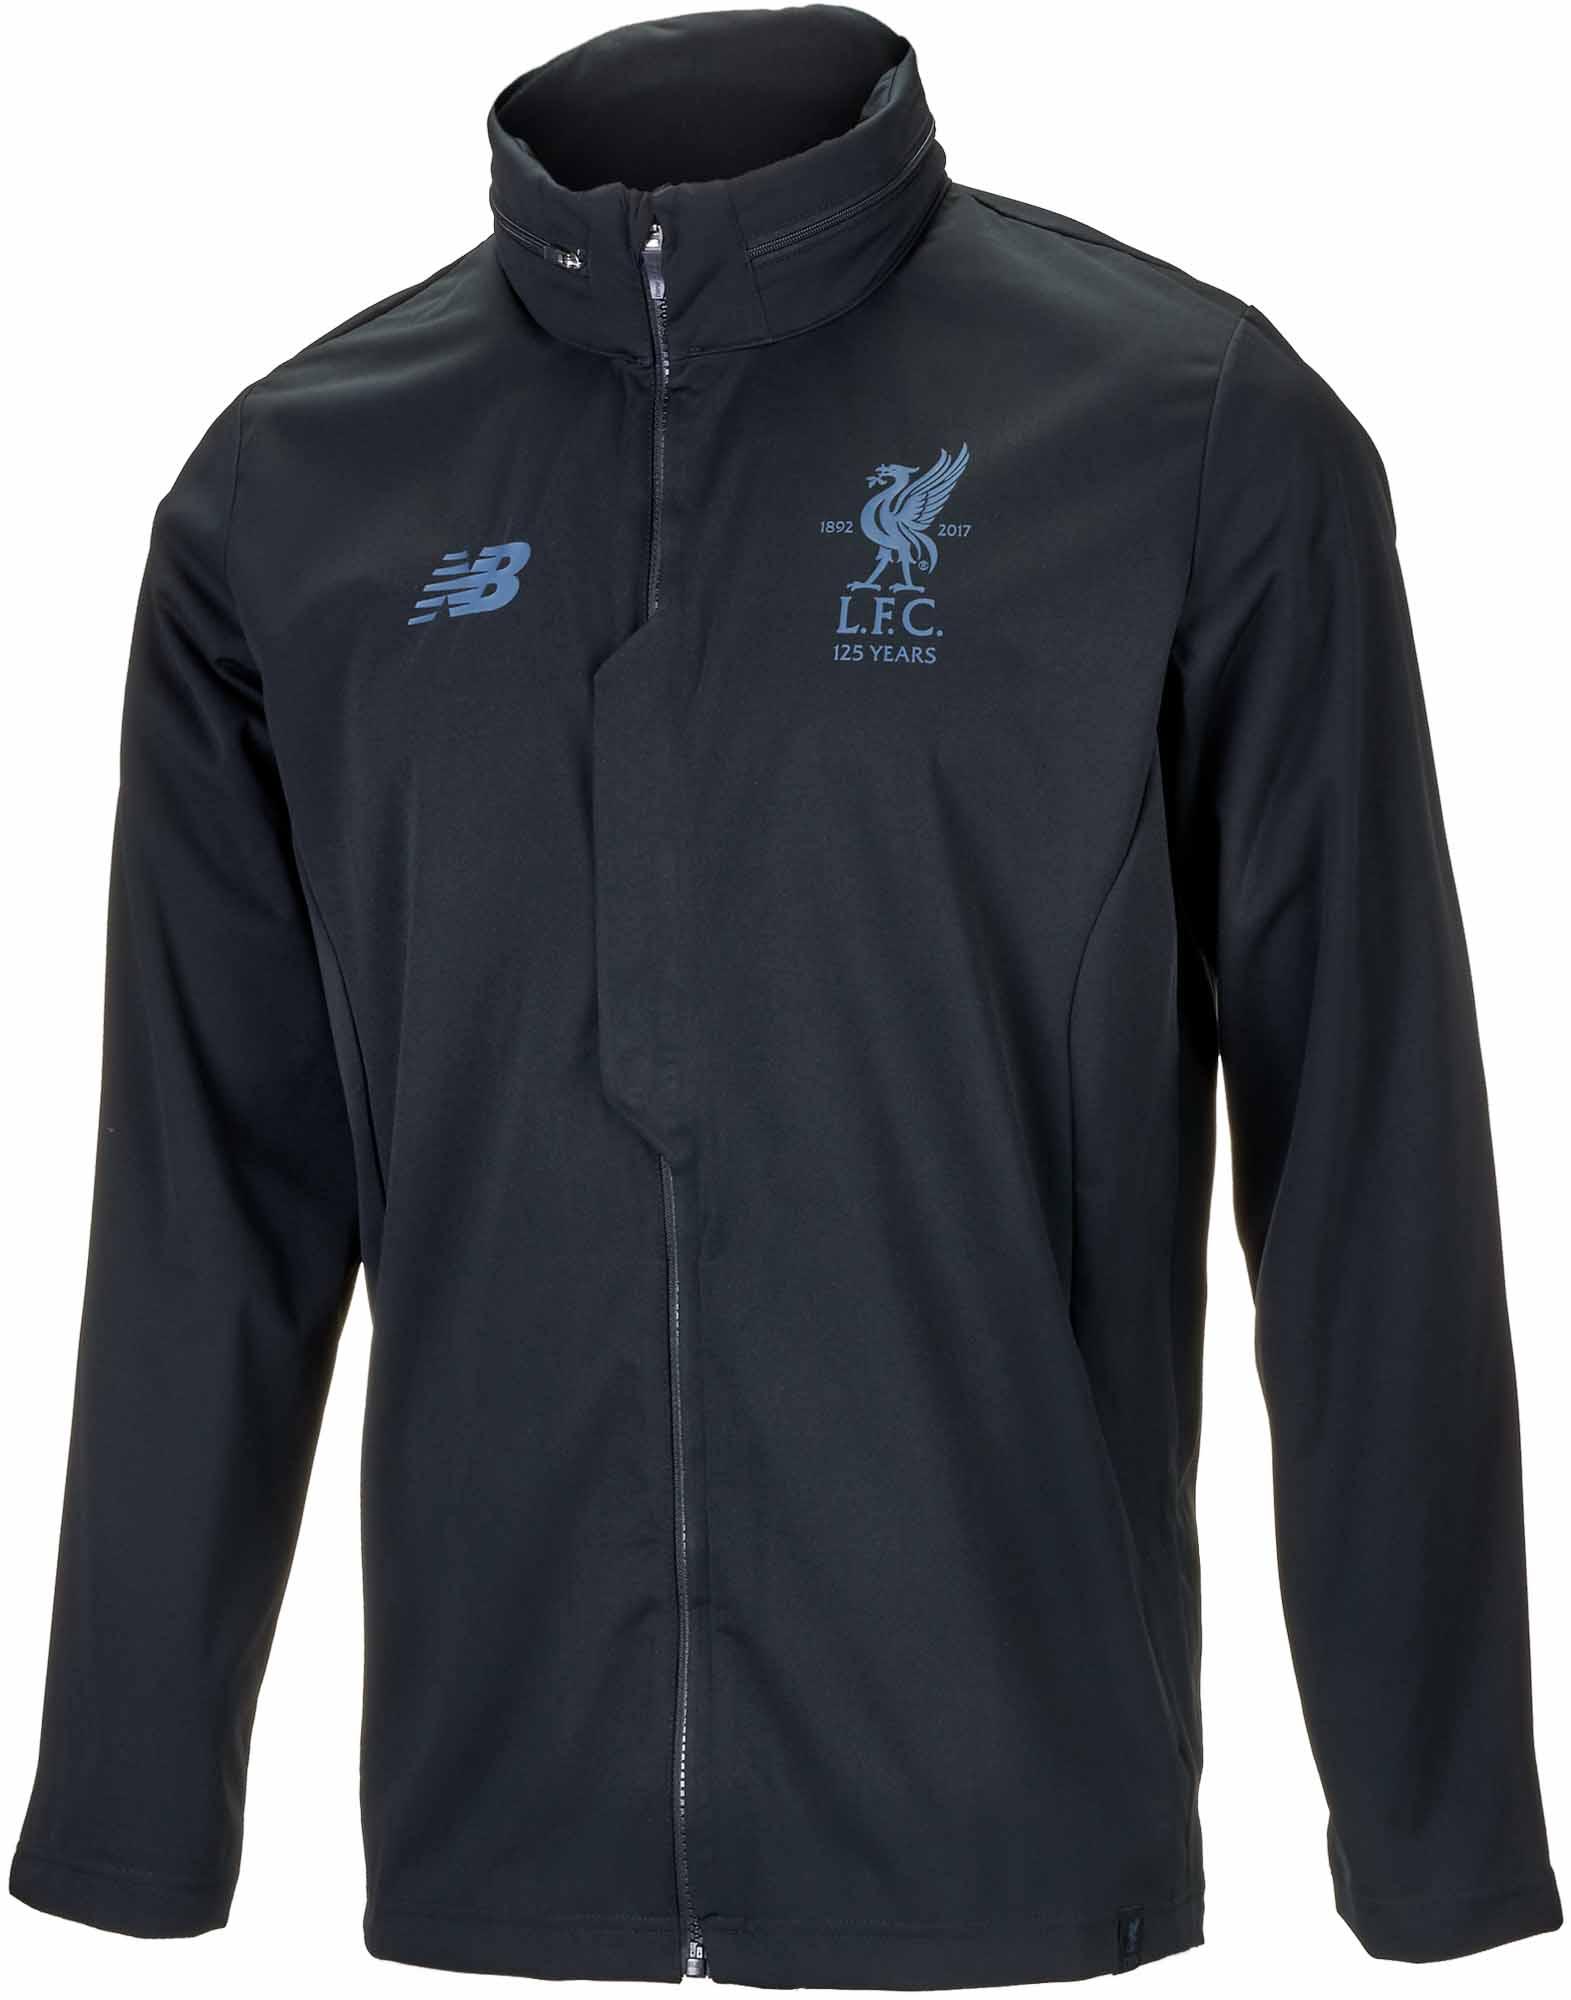 06d5ba056 New Balance Liverpool Rain Jacket – Black